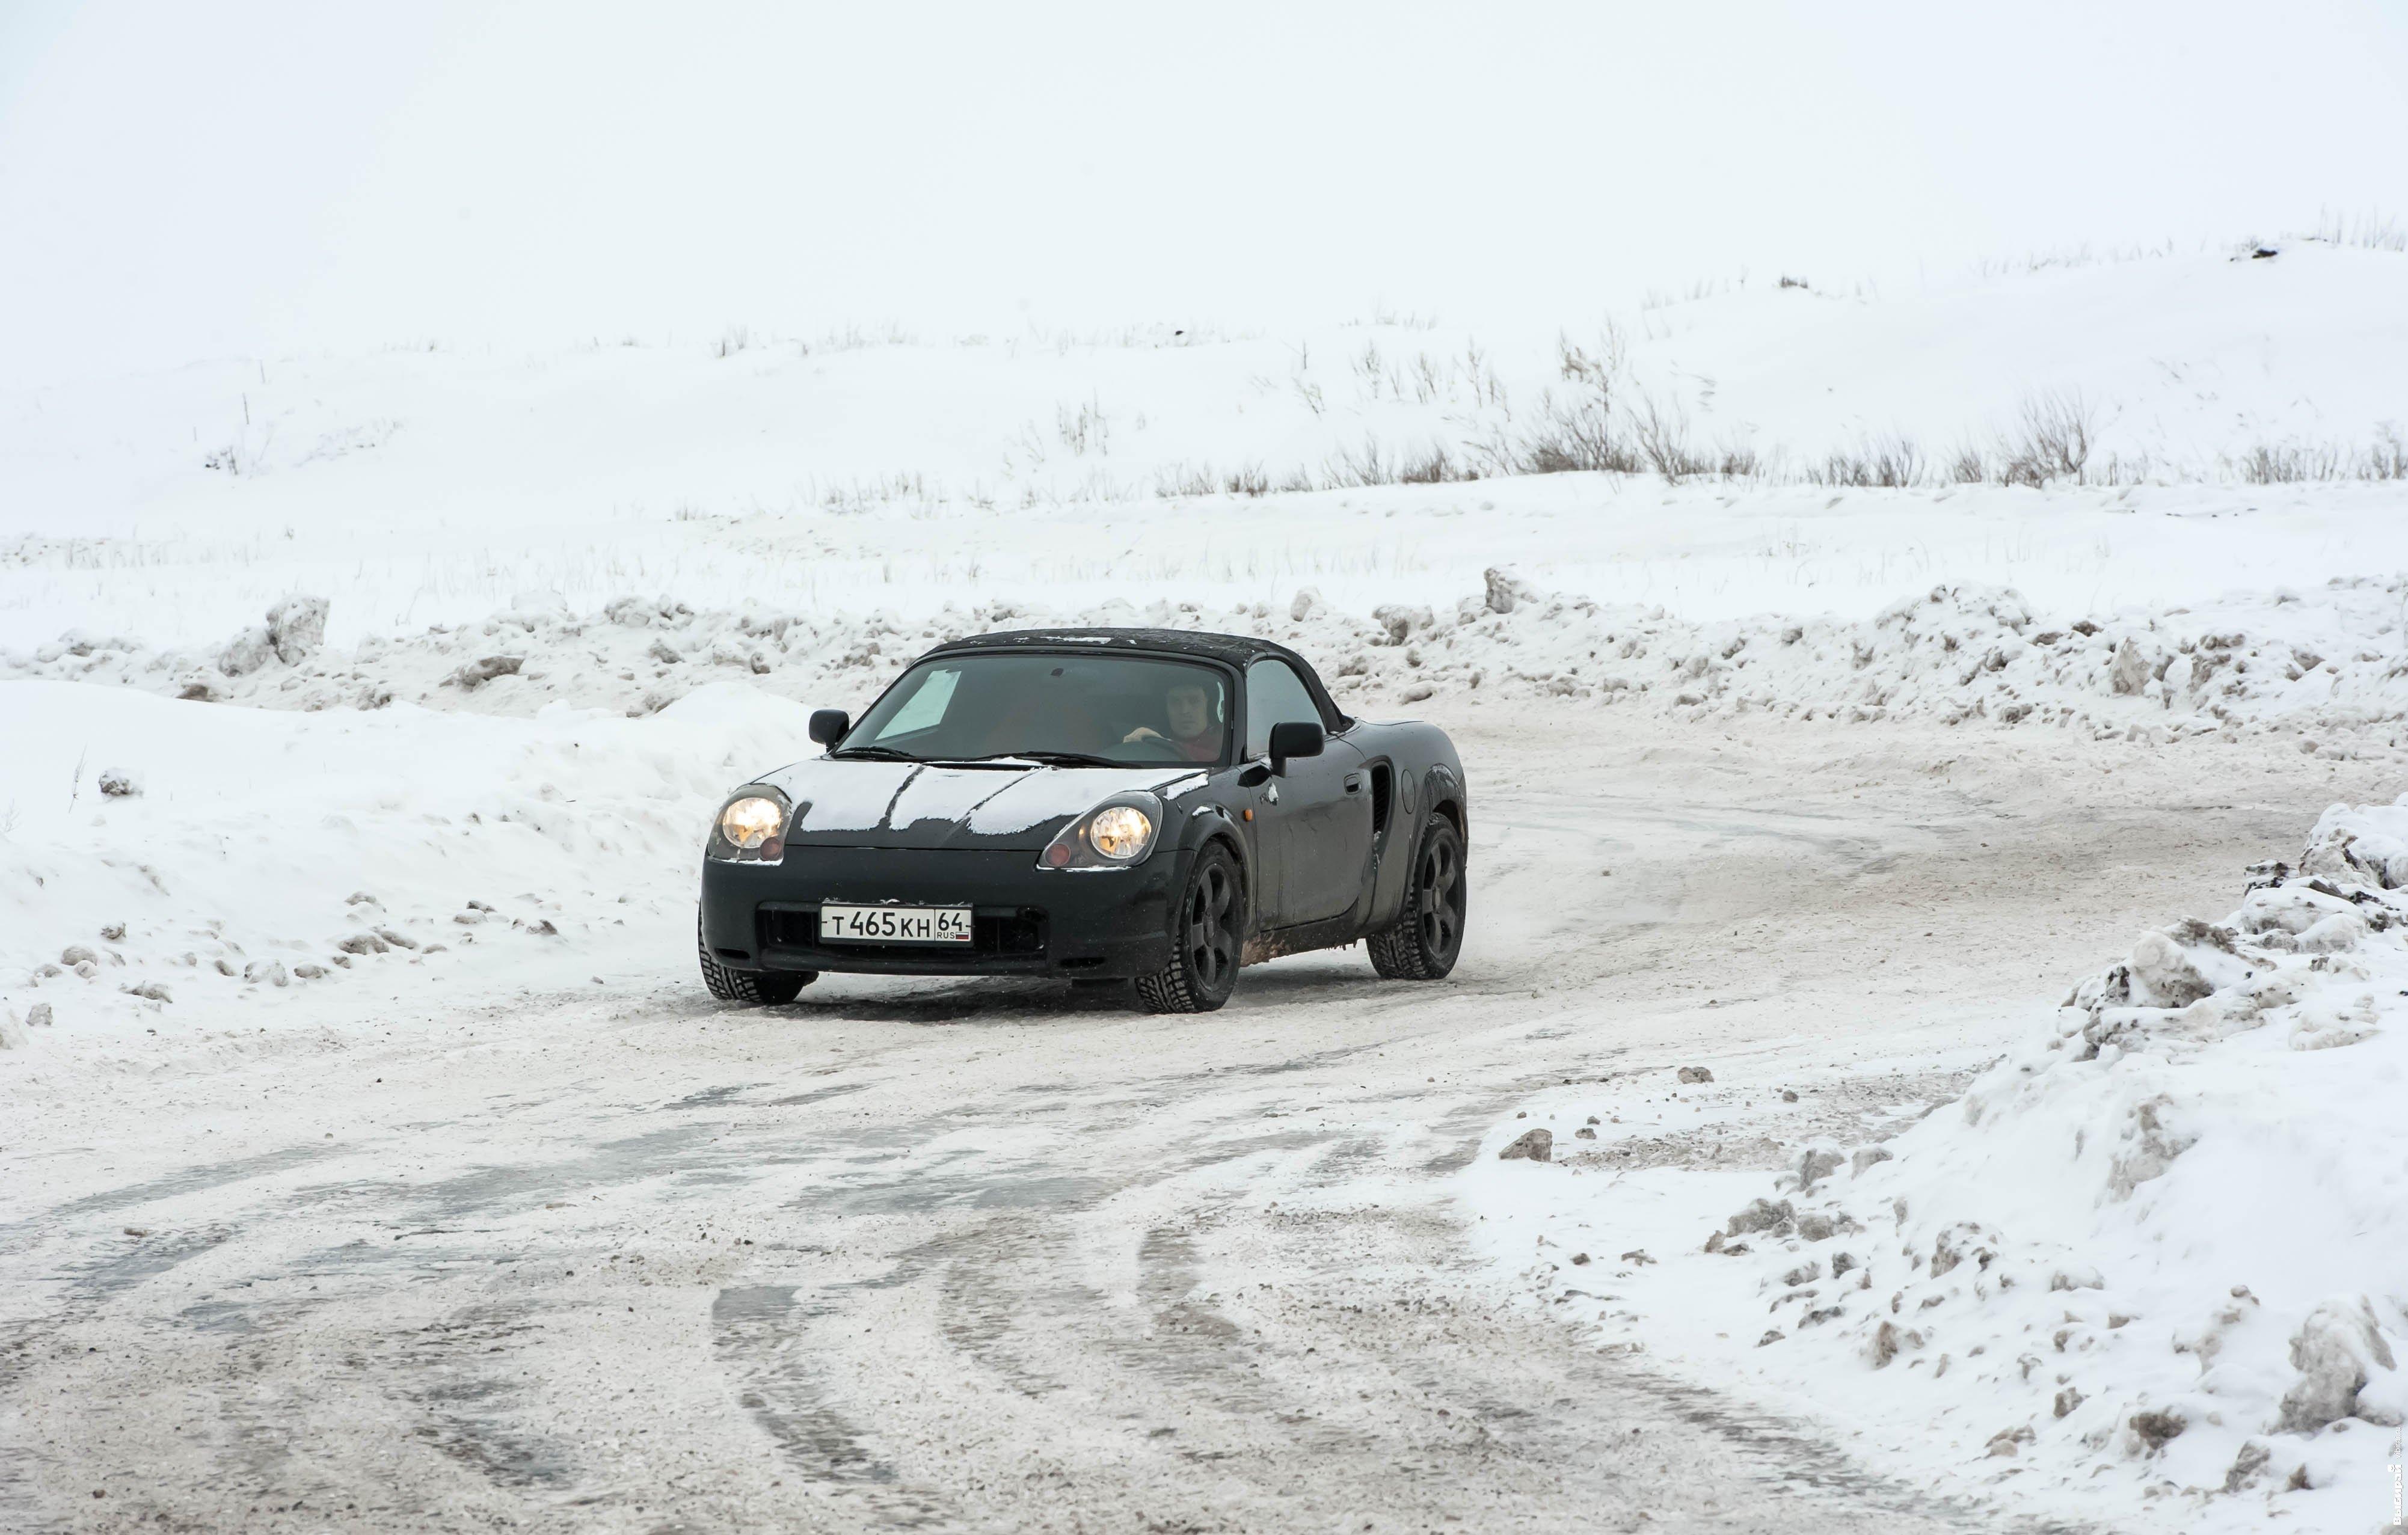 Зимняя гонка фрэнки машины